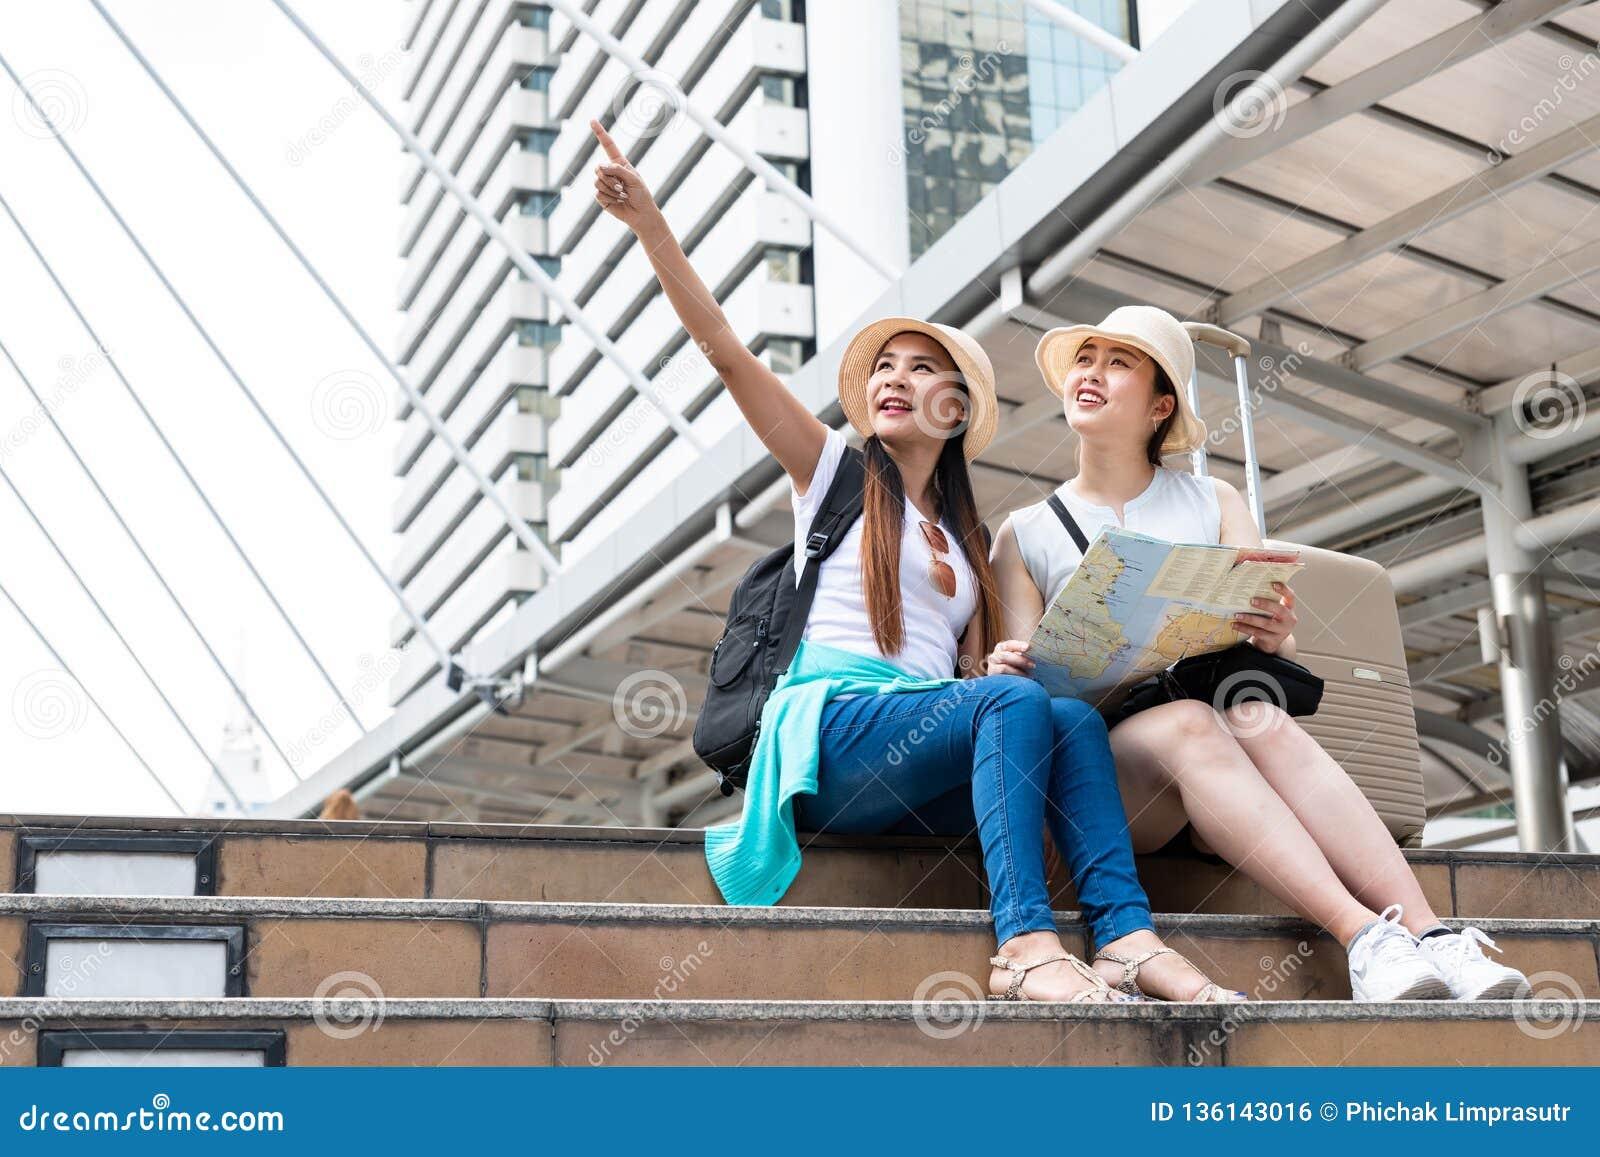 Jeune femme de touristes asiatique se dirigeant dans la distance tandis que son ami regardant avec les visages de sourire